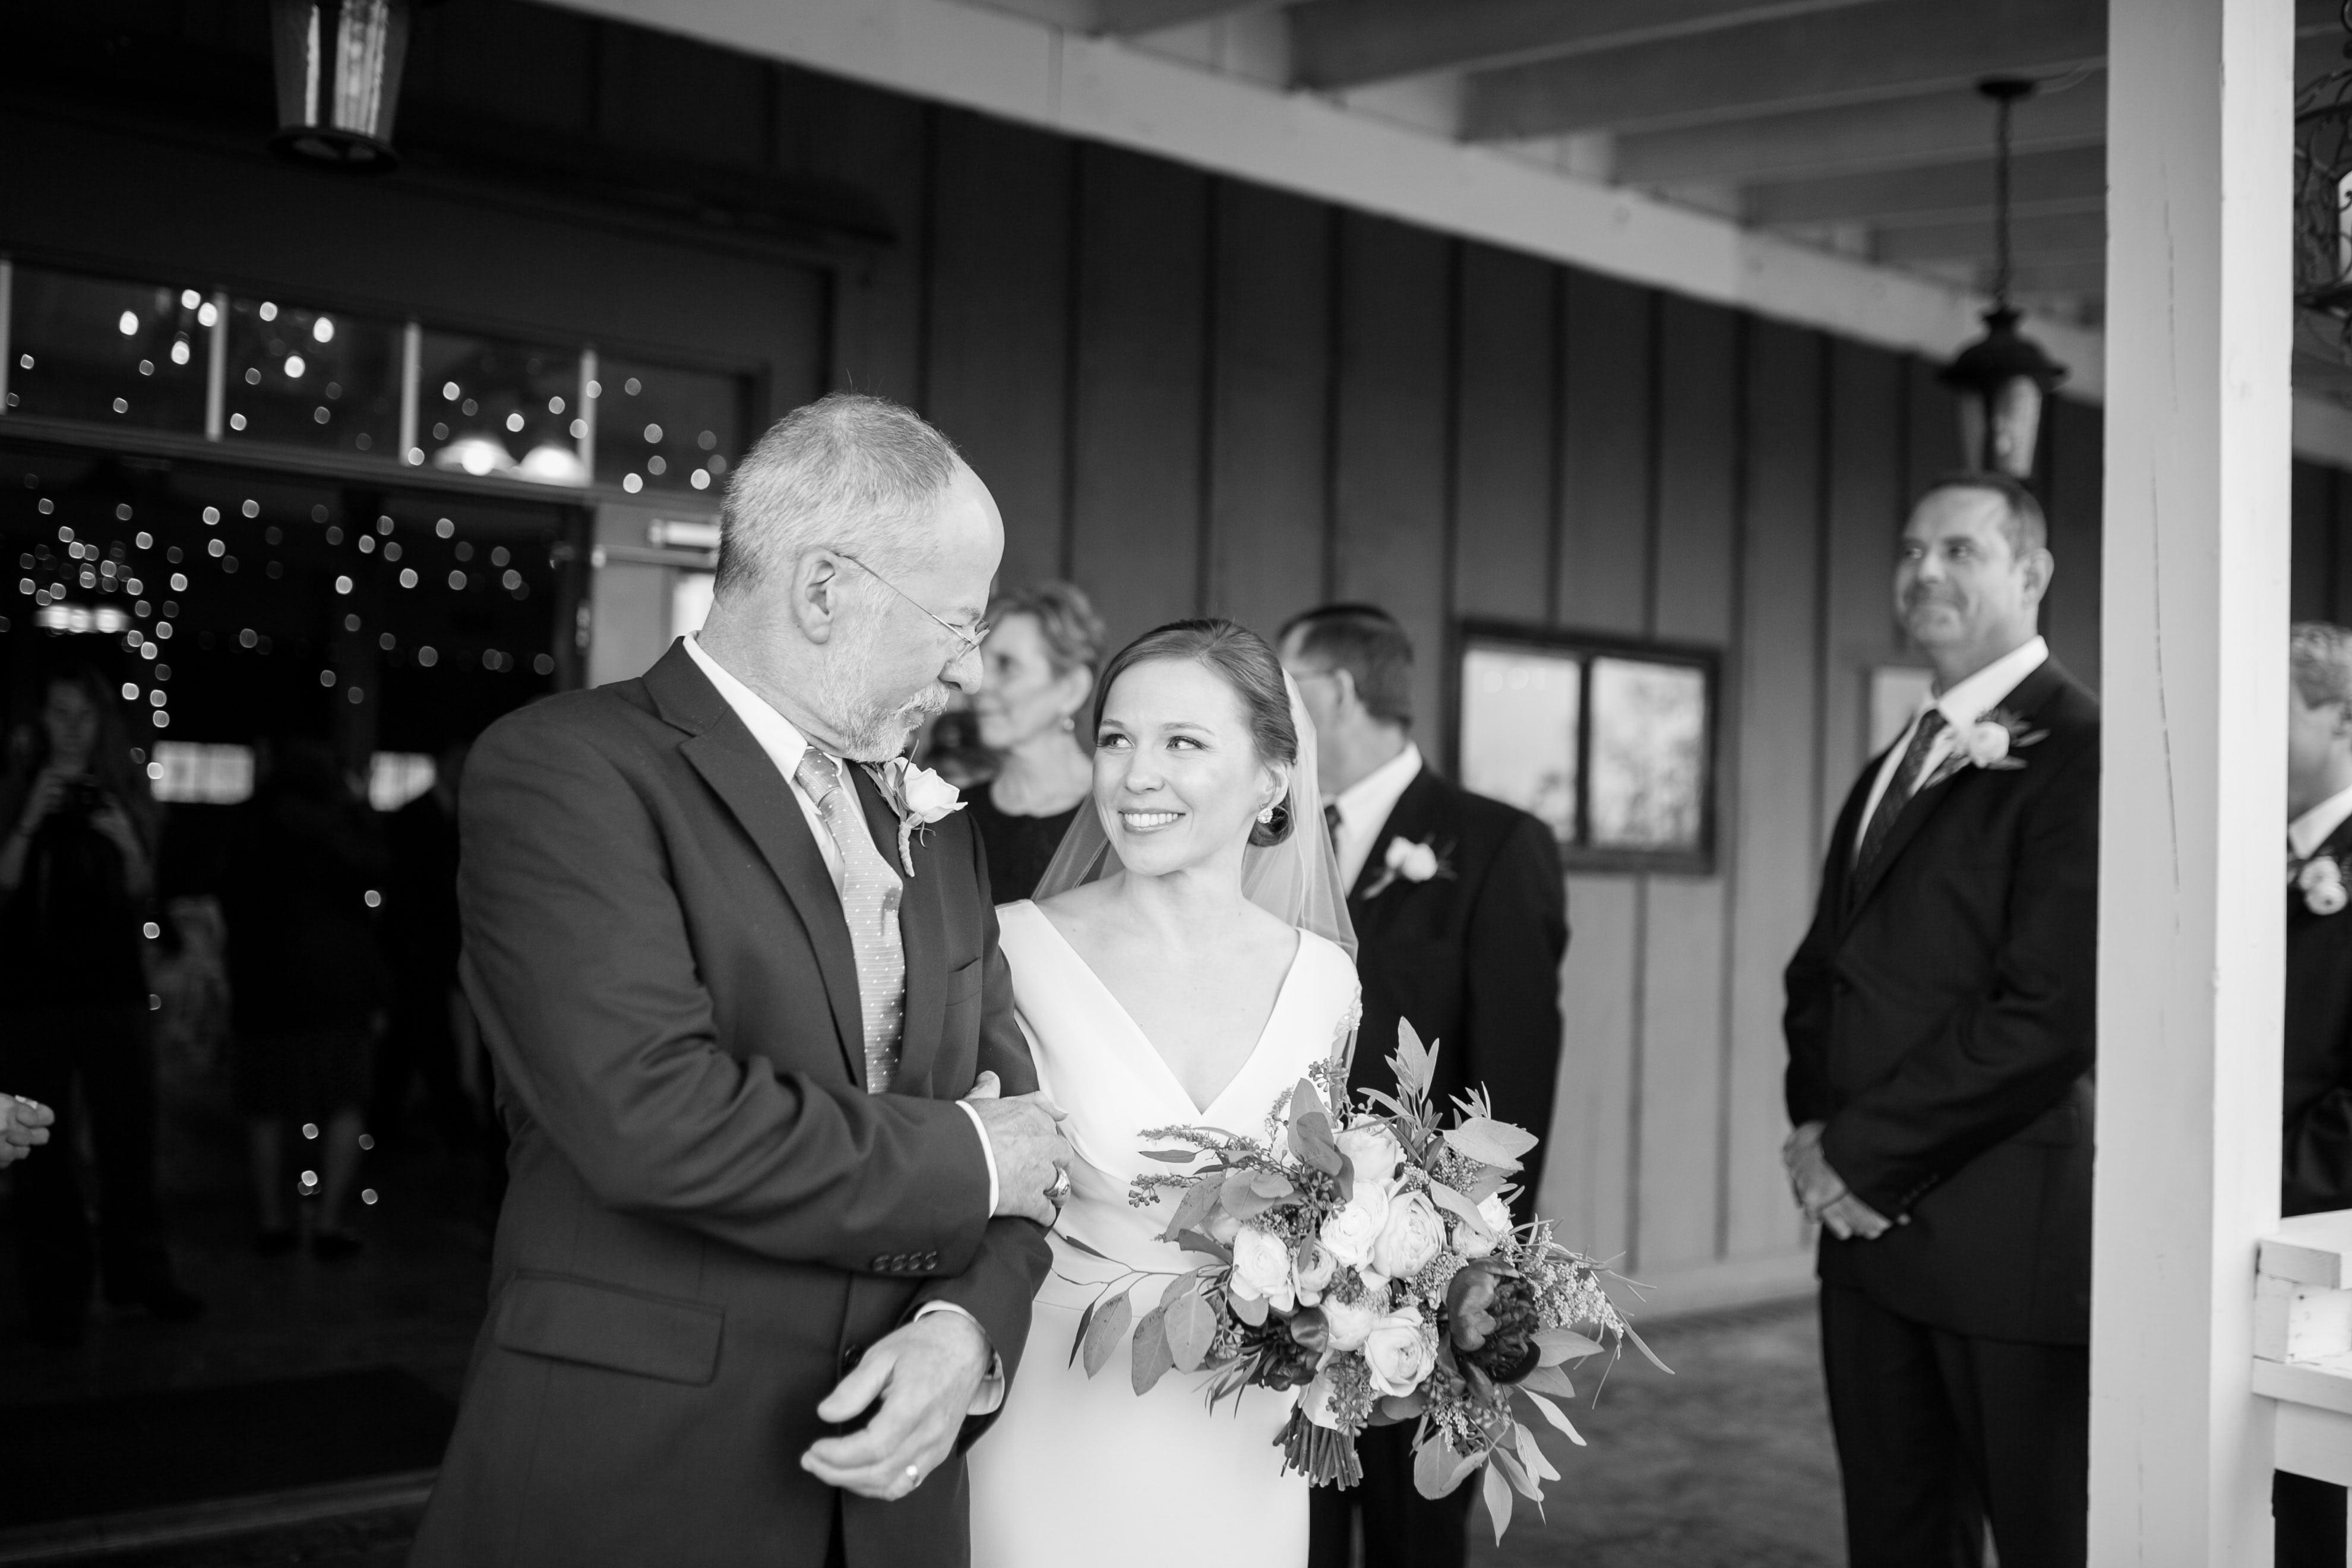 Mr. & Mrs. Schaper-7565